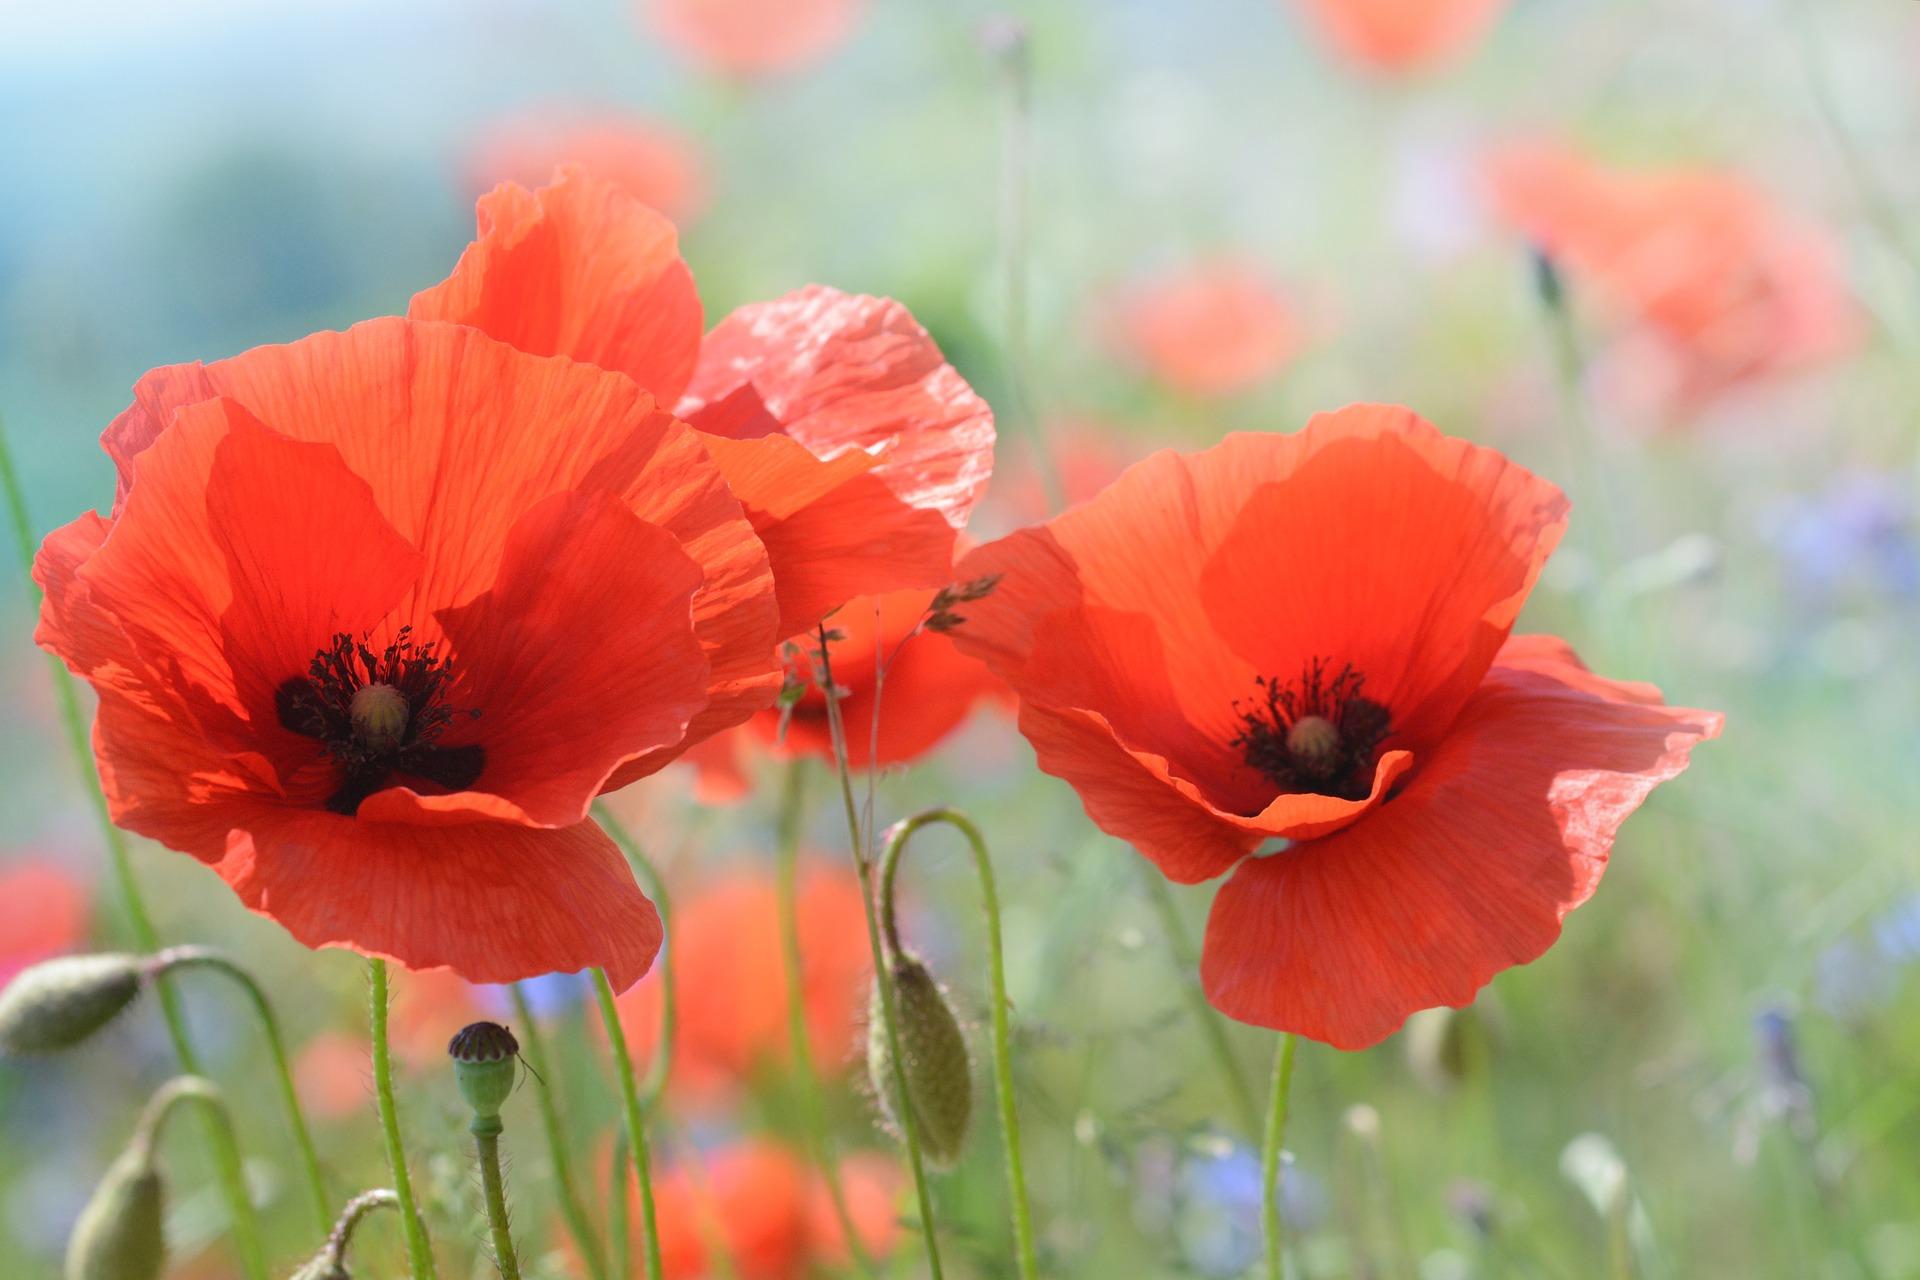 poppy-2391025_1920